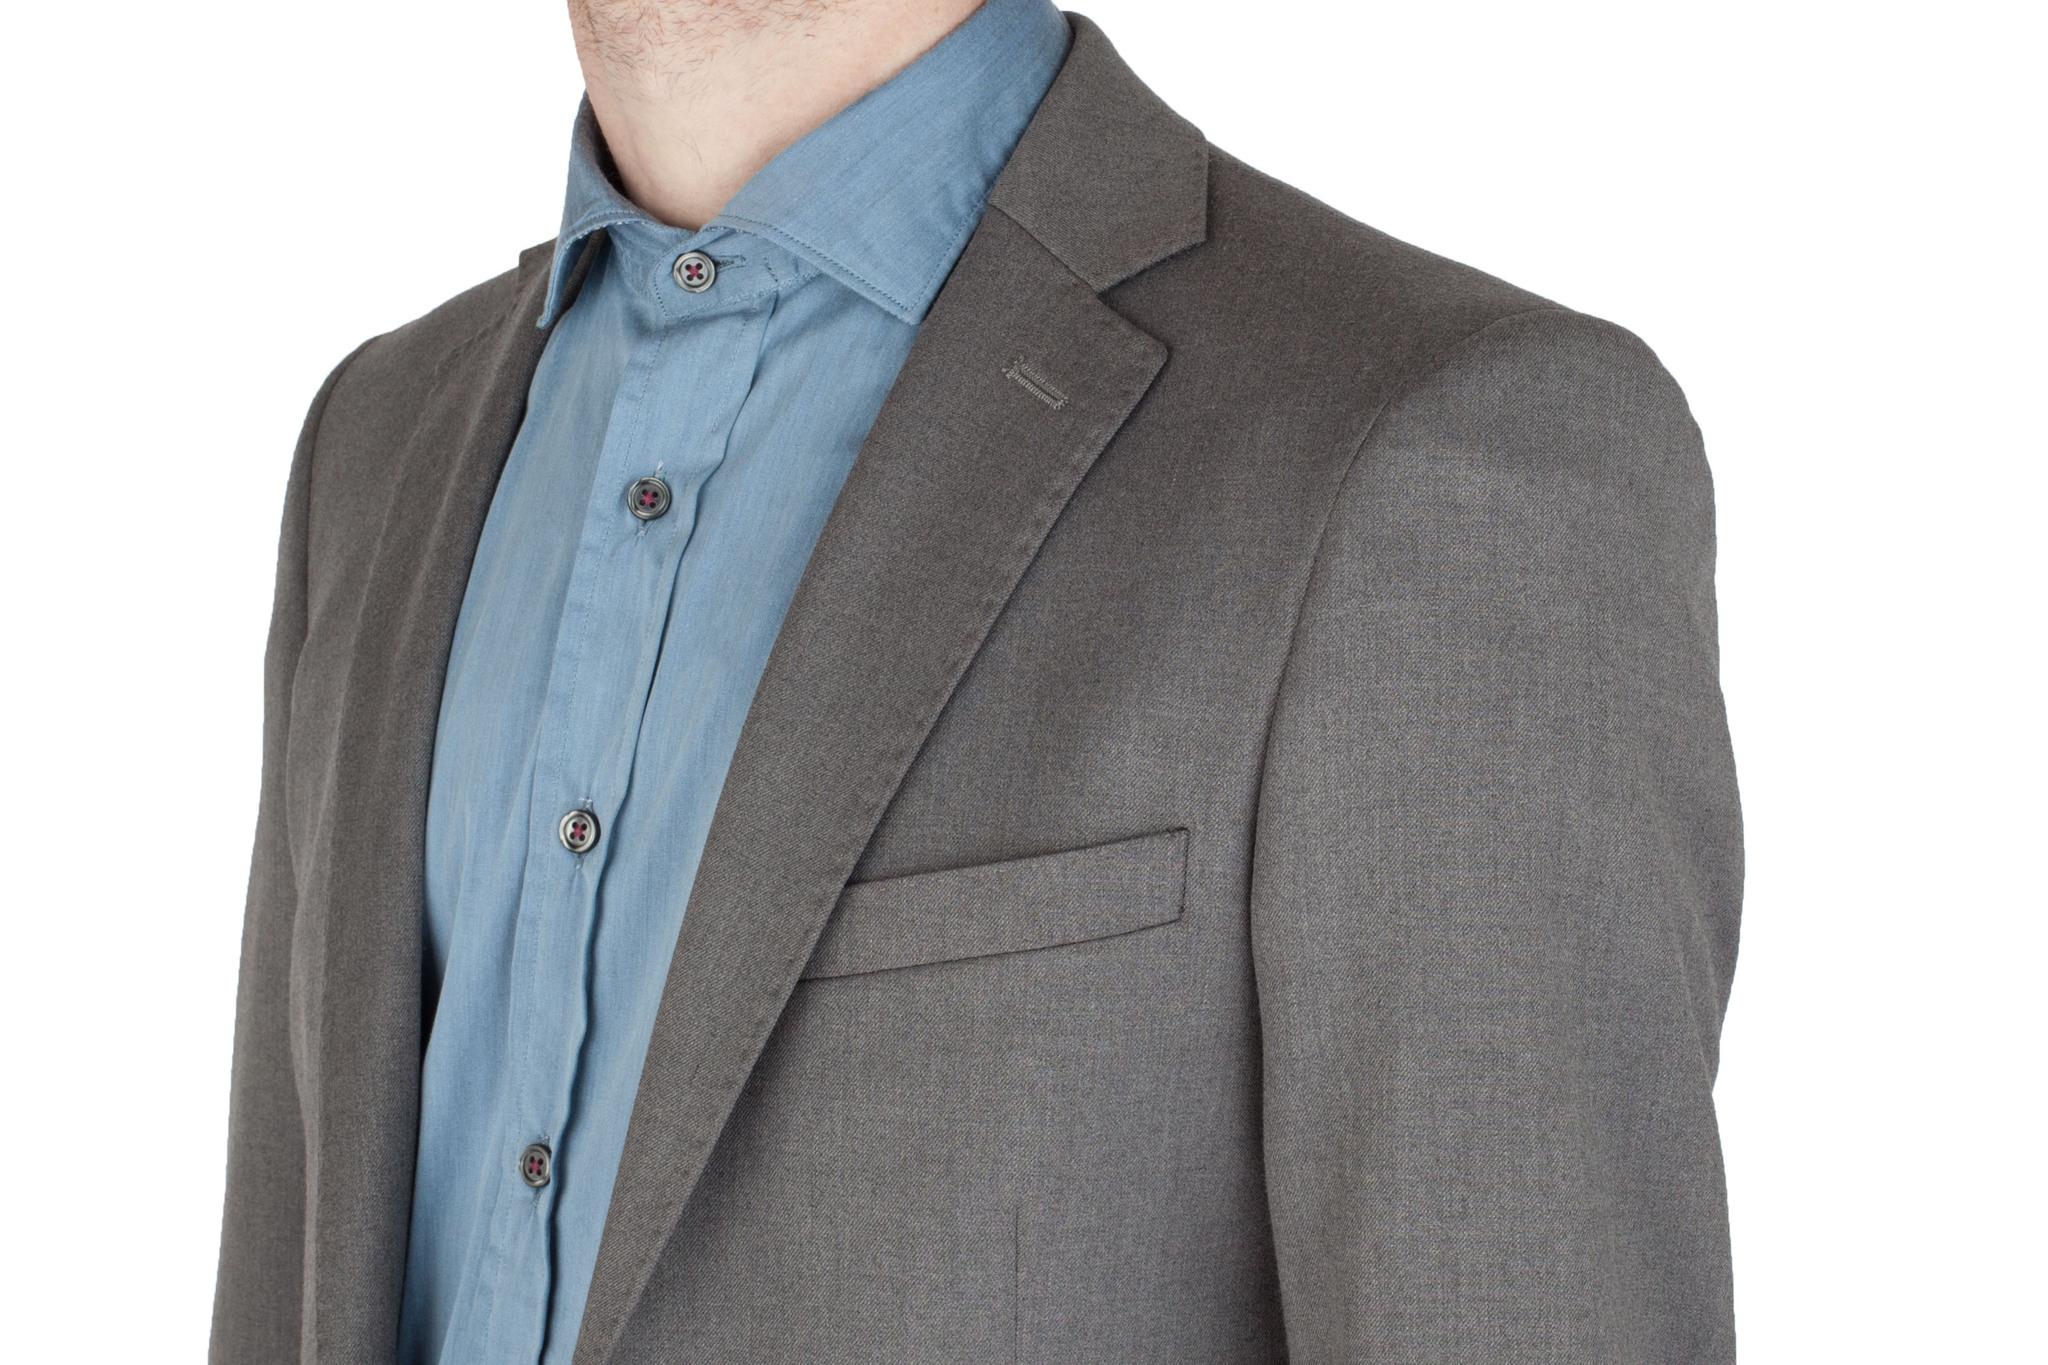 Серый однотонный шерстяной костюм, нагрудный карман